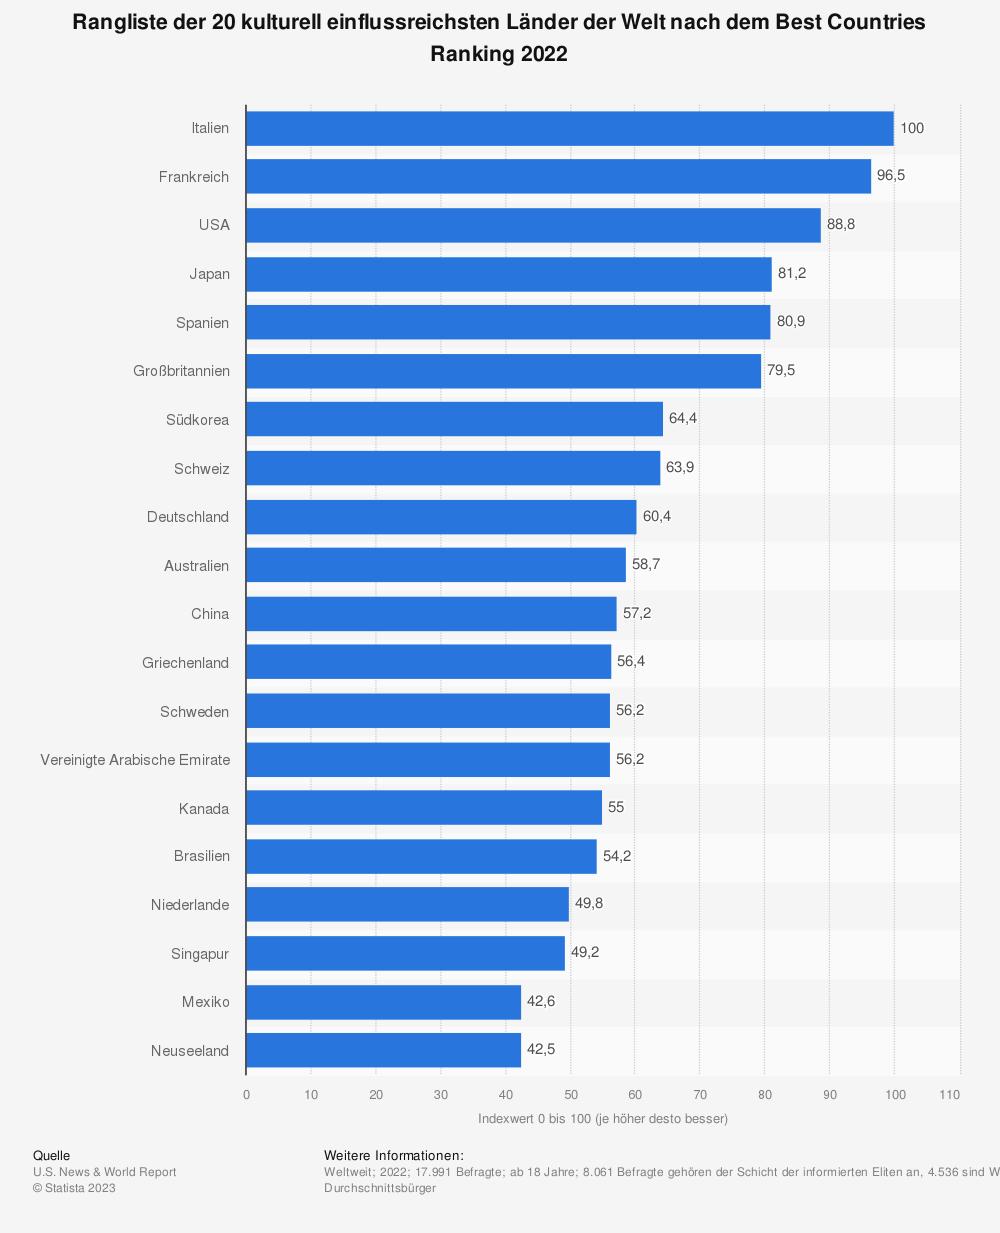 Statistik: Ranking der 20 kulturell einflussreichsten Länder nach dem Best Countries Ranking 2020 | Statista